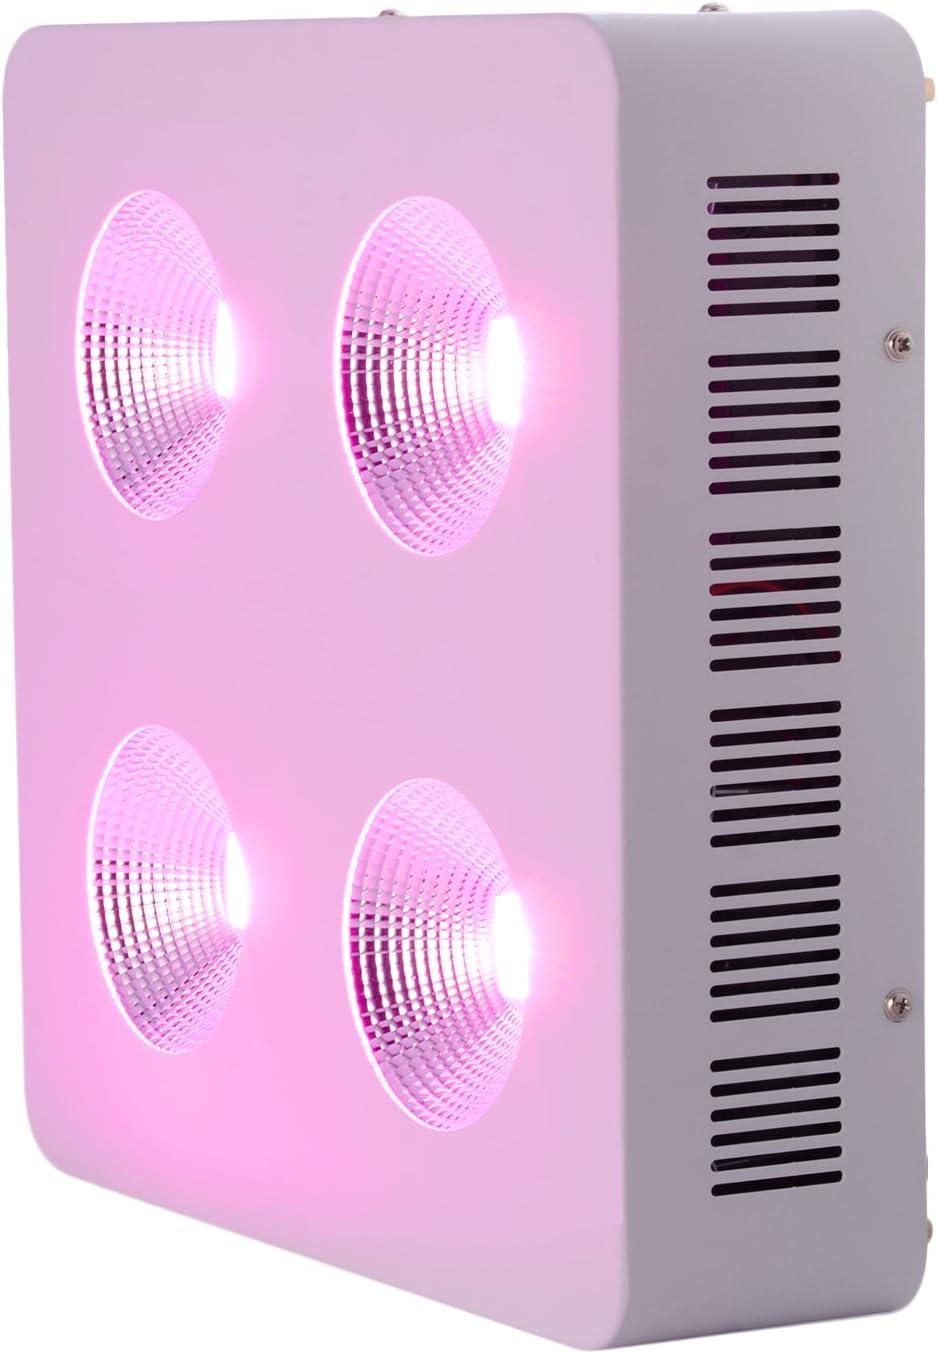 spettro completo lampada a LED COB per piante 400 W per piante Leshp verdure e fiori in serra